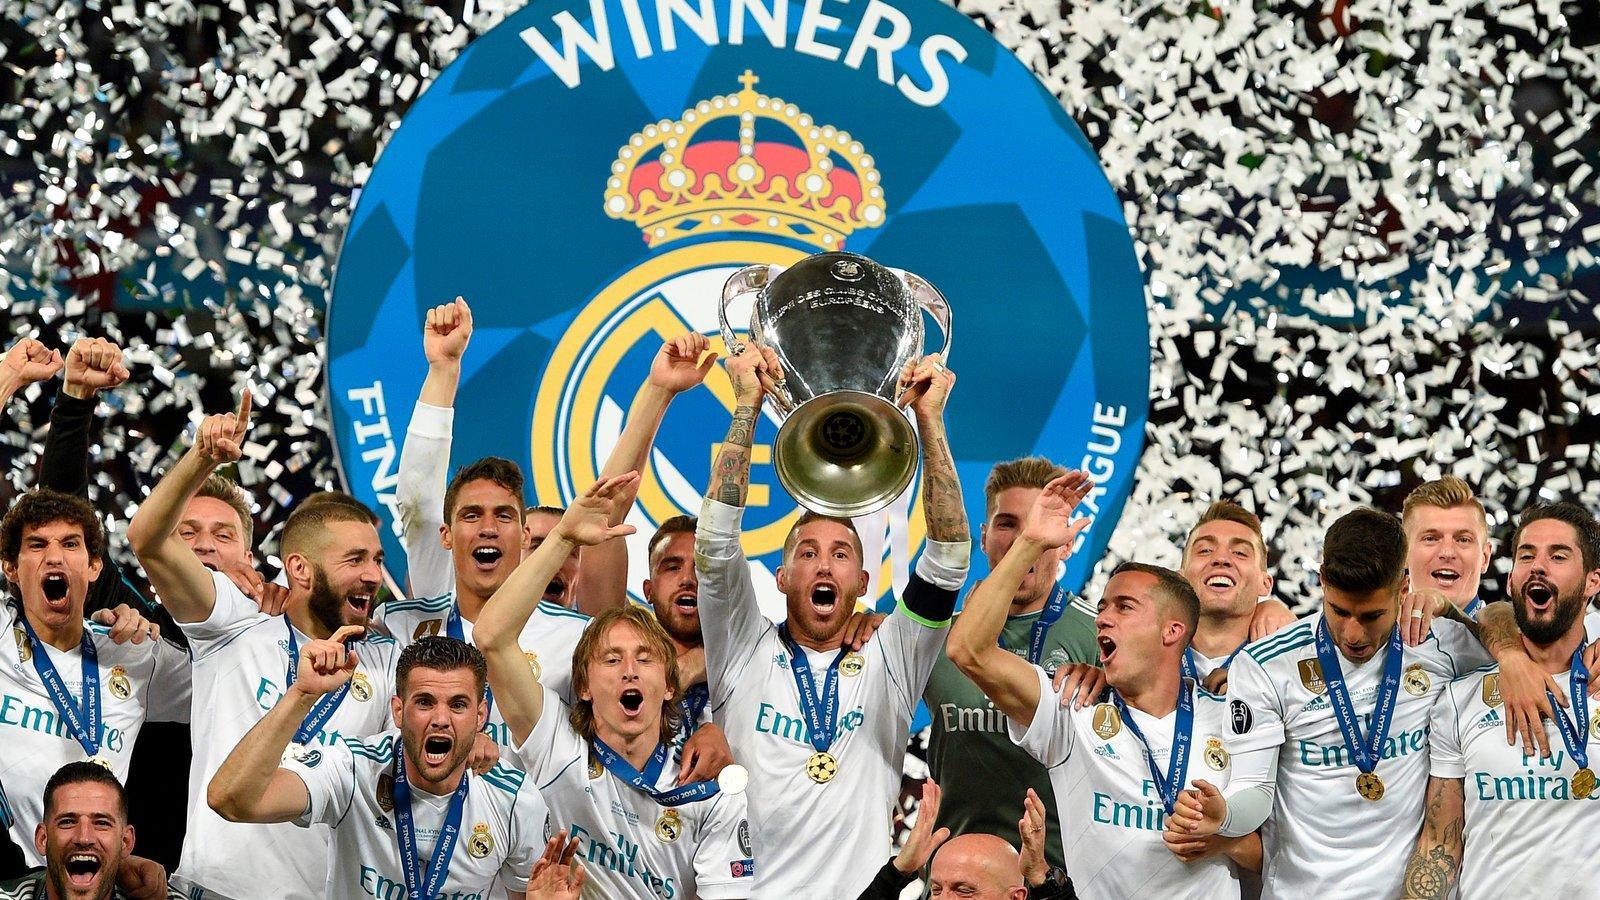 champions league final 2018 pictures